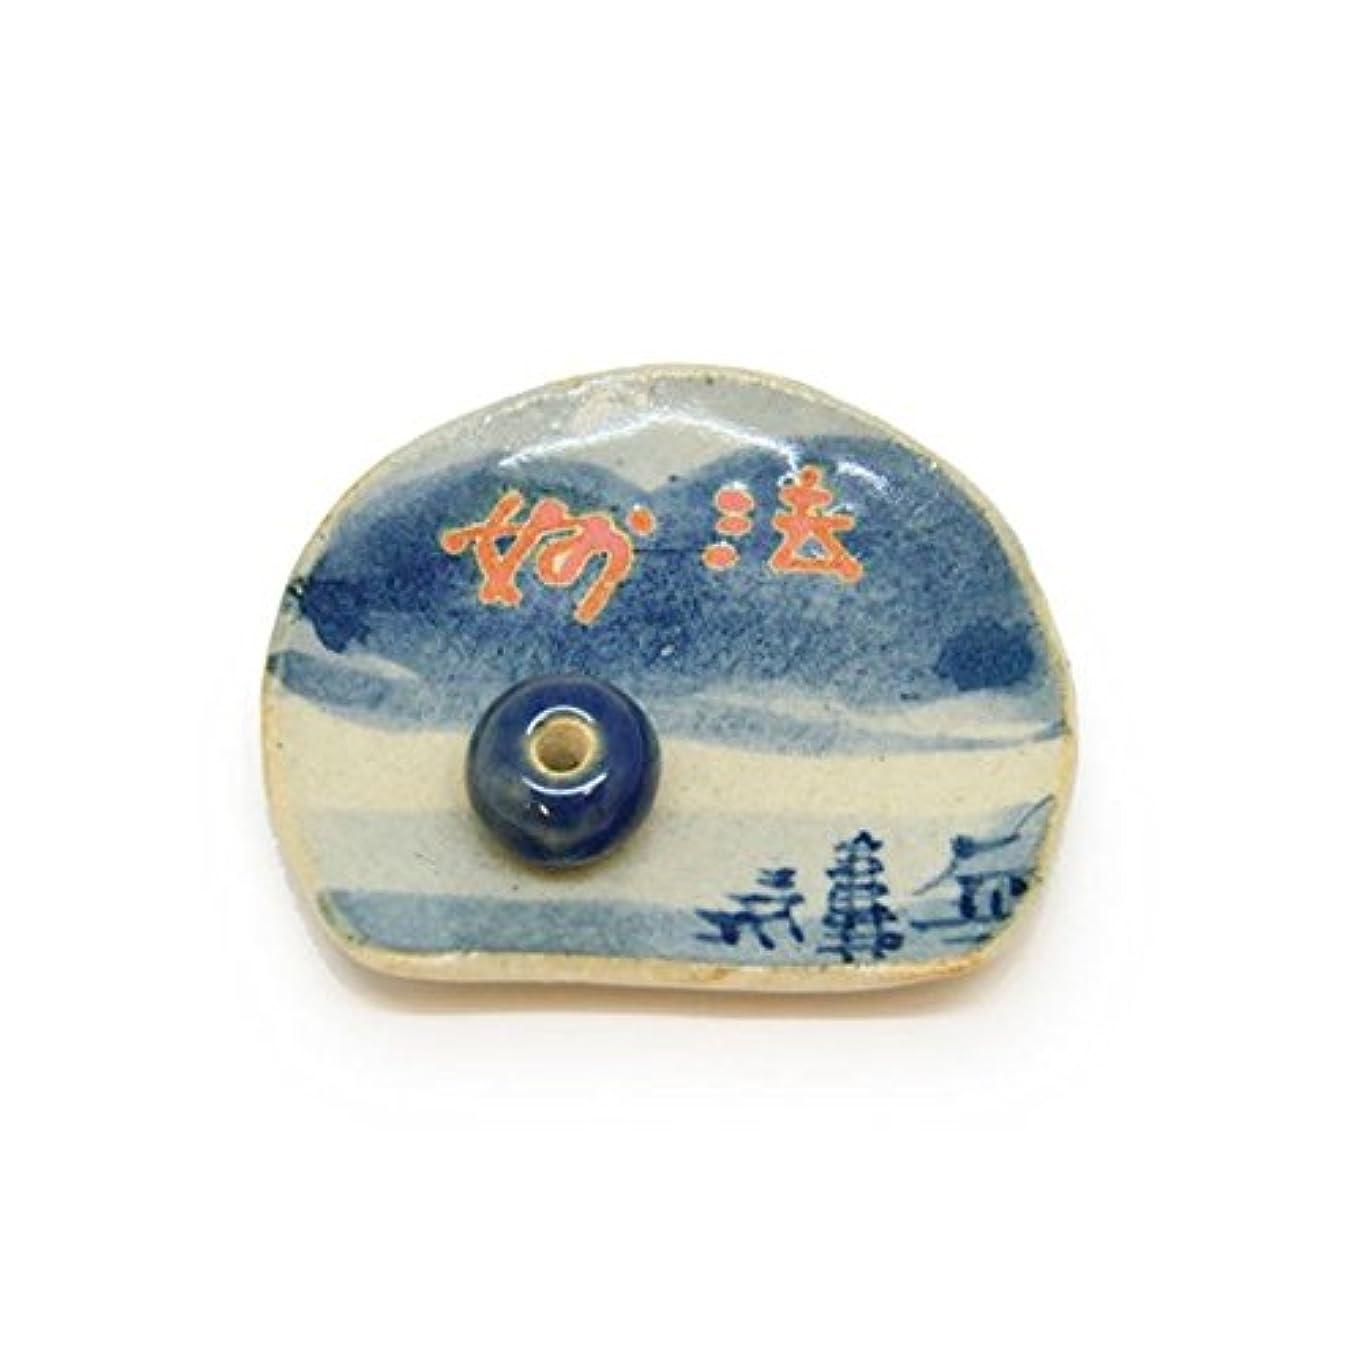 幼児のためいたずら香皿 京の風物詩 夏 「妙法」